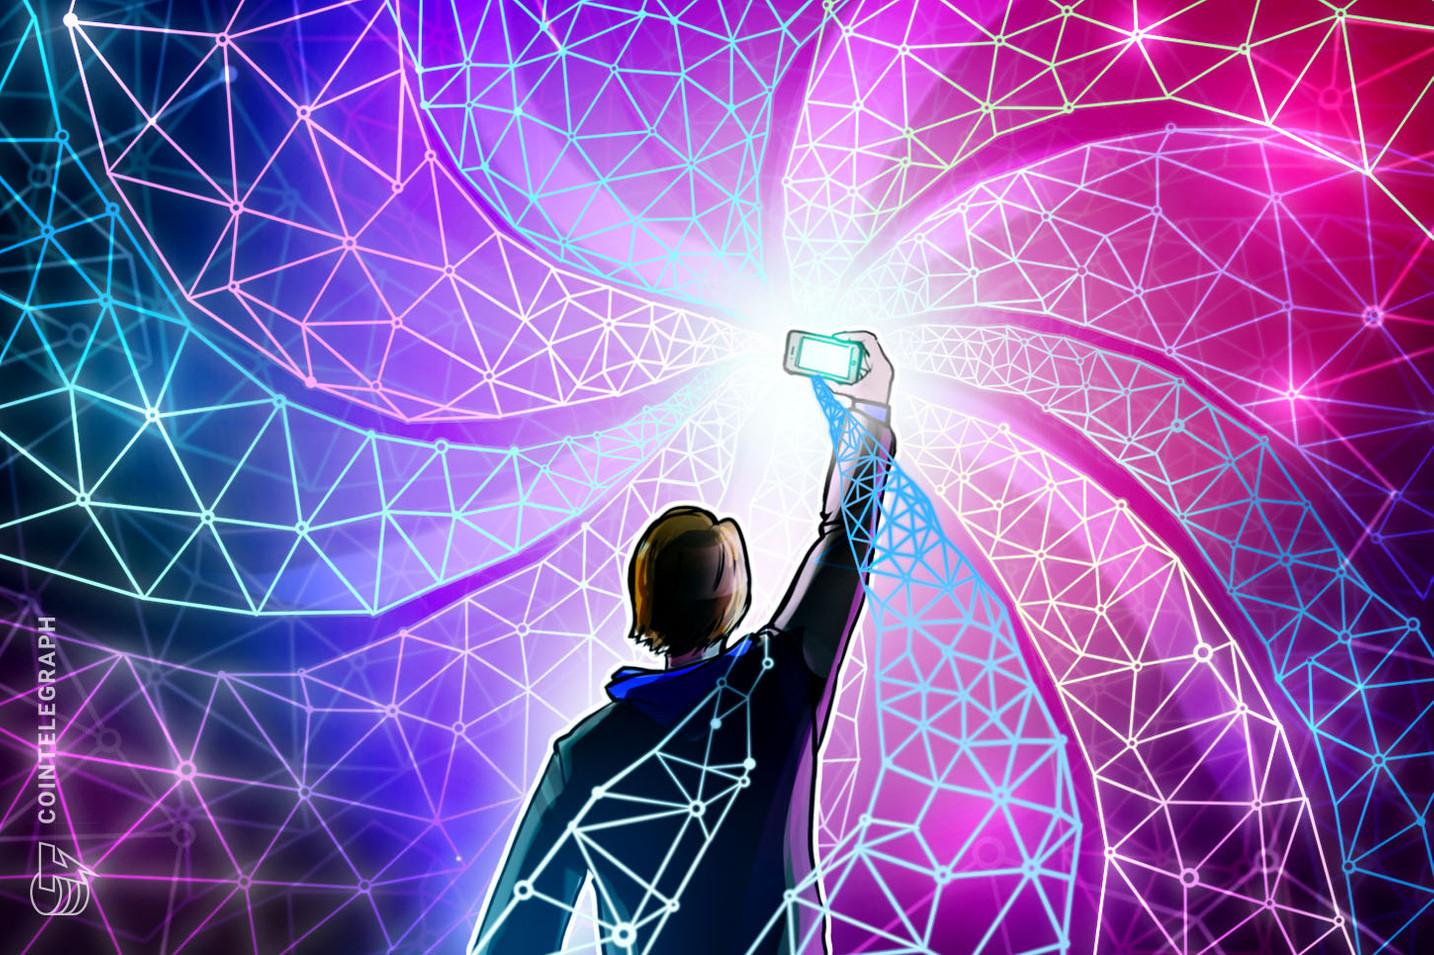 MyEtherWallet ahora ofrece acceso a 2,000 DApps de DeFi y NFT en teléfonos móviles